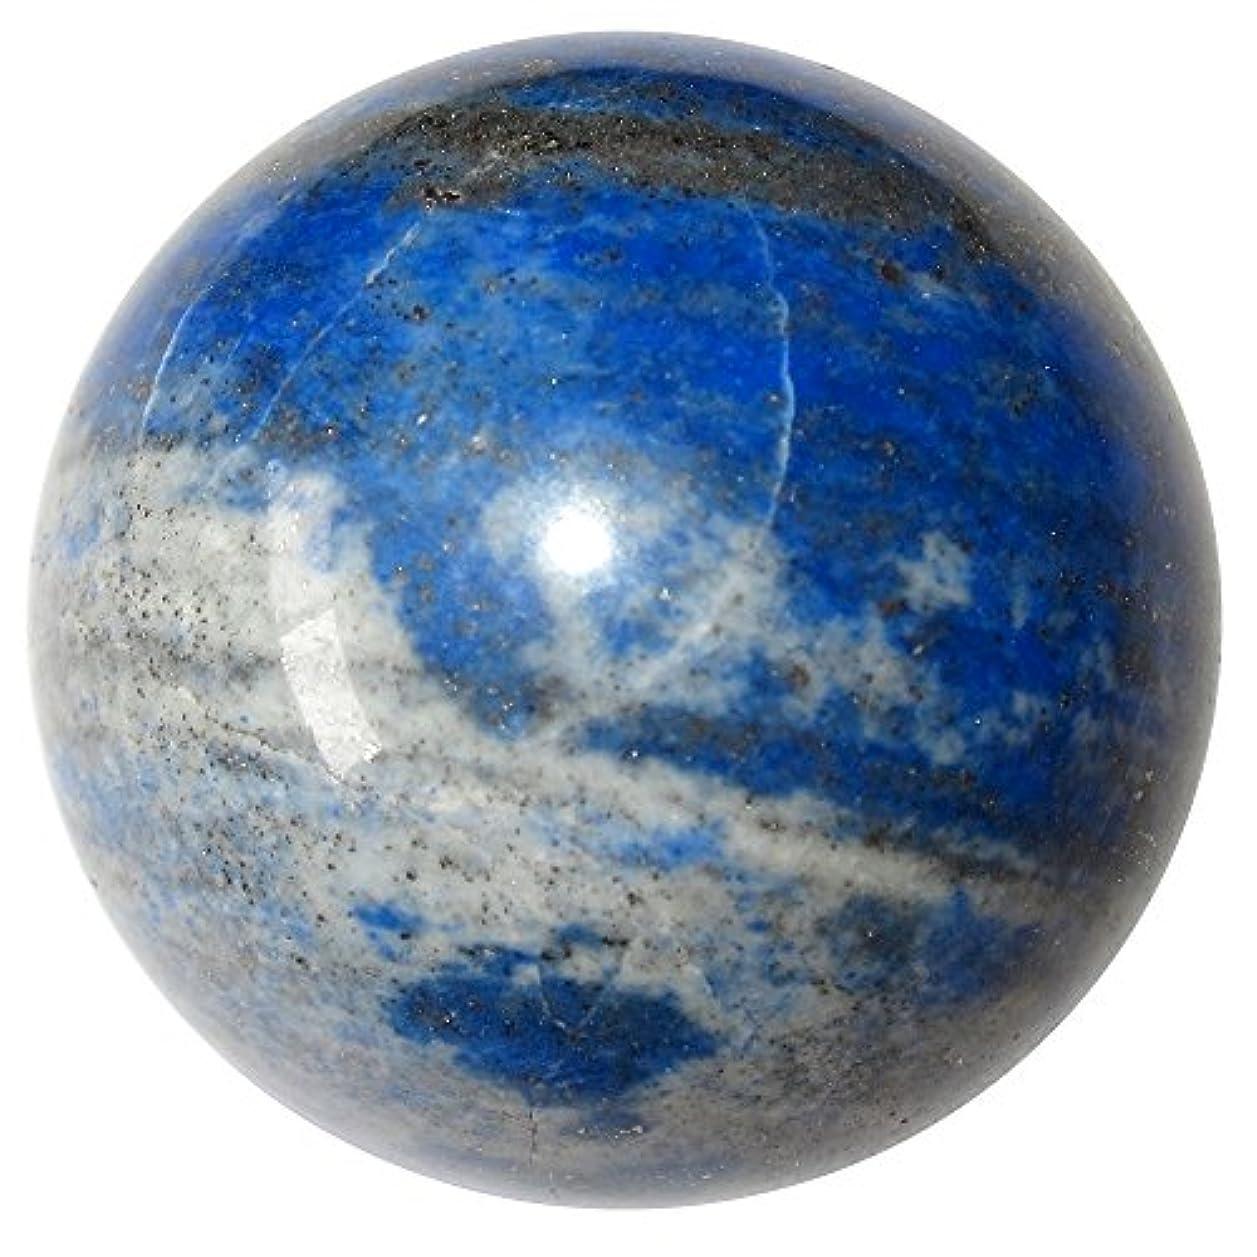 船乗り天の意外サテンクリスタルLapisボールプレミアムブルーLazuli Third Eye Chakra直感的なHealing Precious Stone球p03 1.6 Inches ブルー lapisball03-afghanearth...